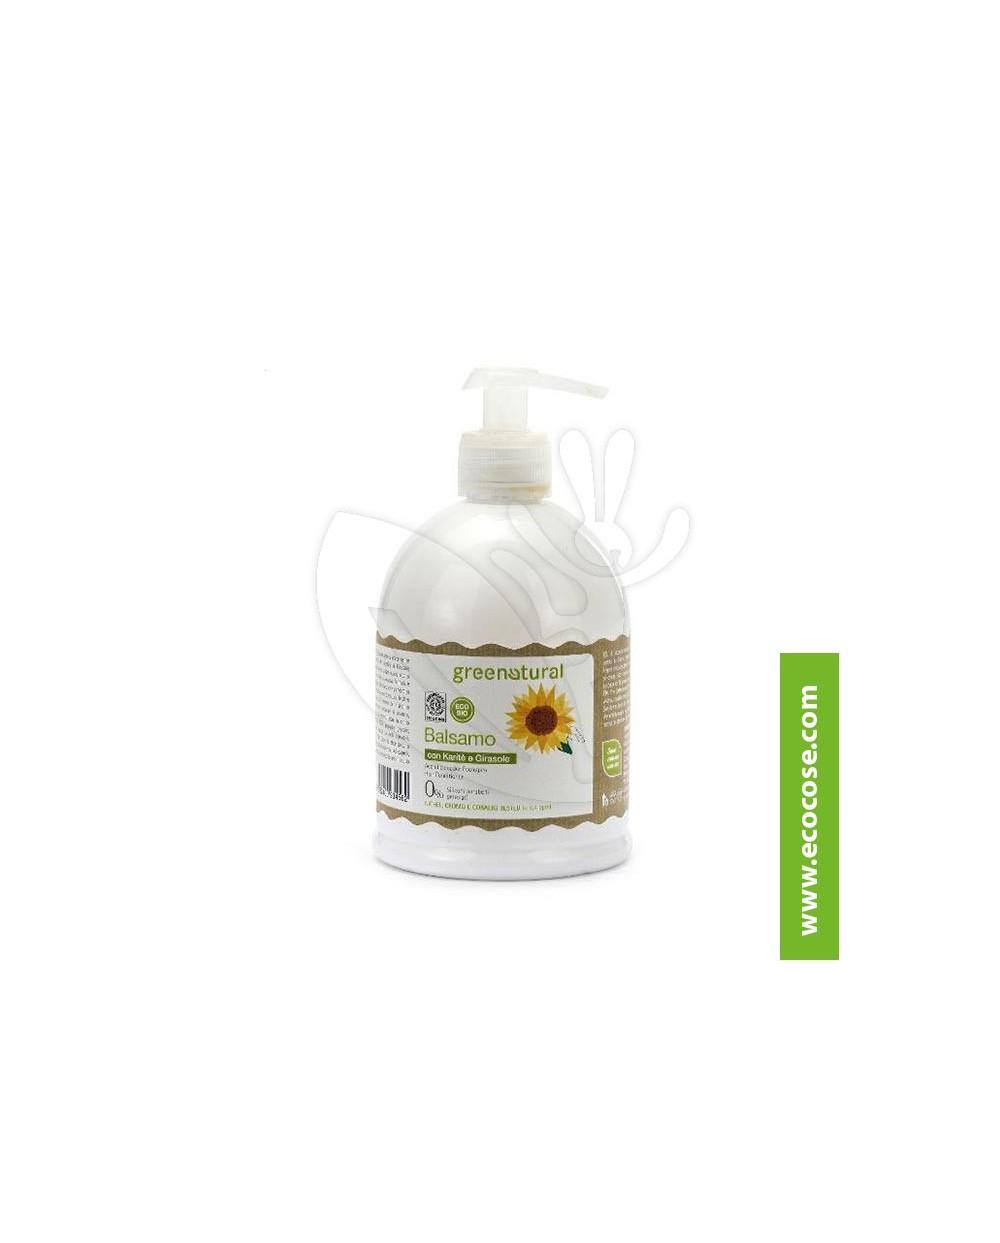 Greenatural - Balsamo capelli Karité e Girasole